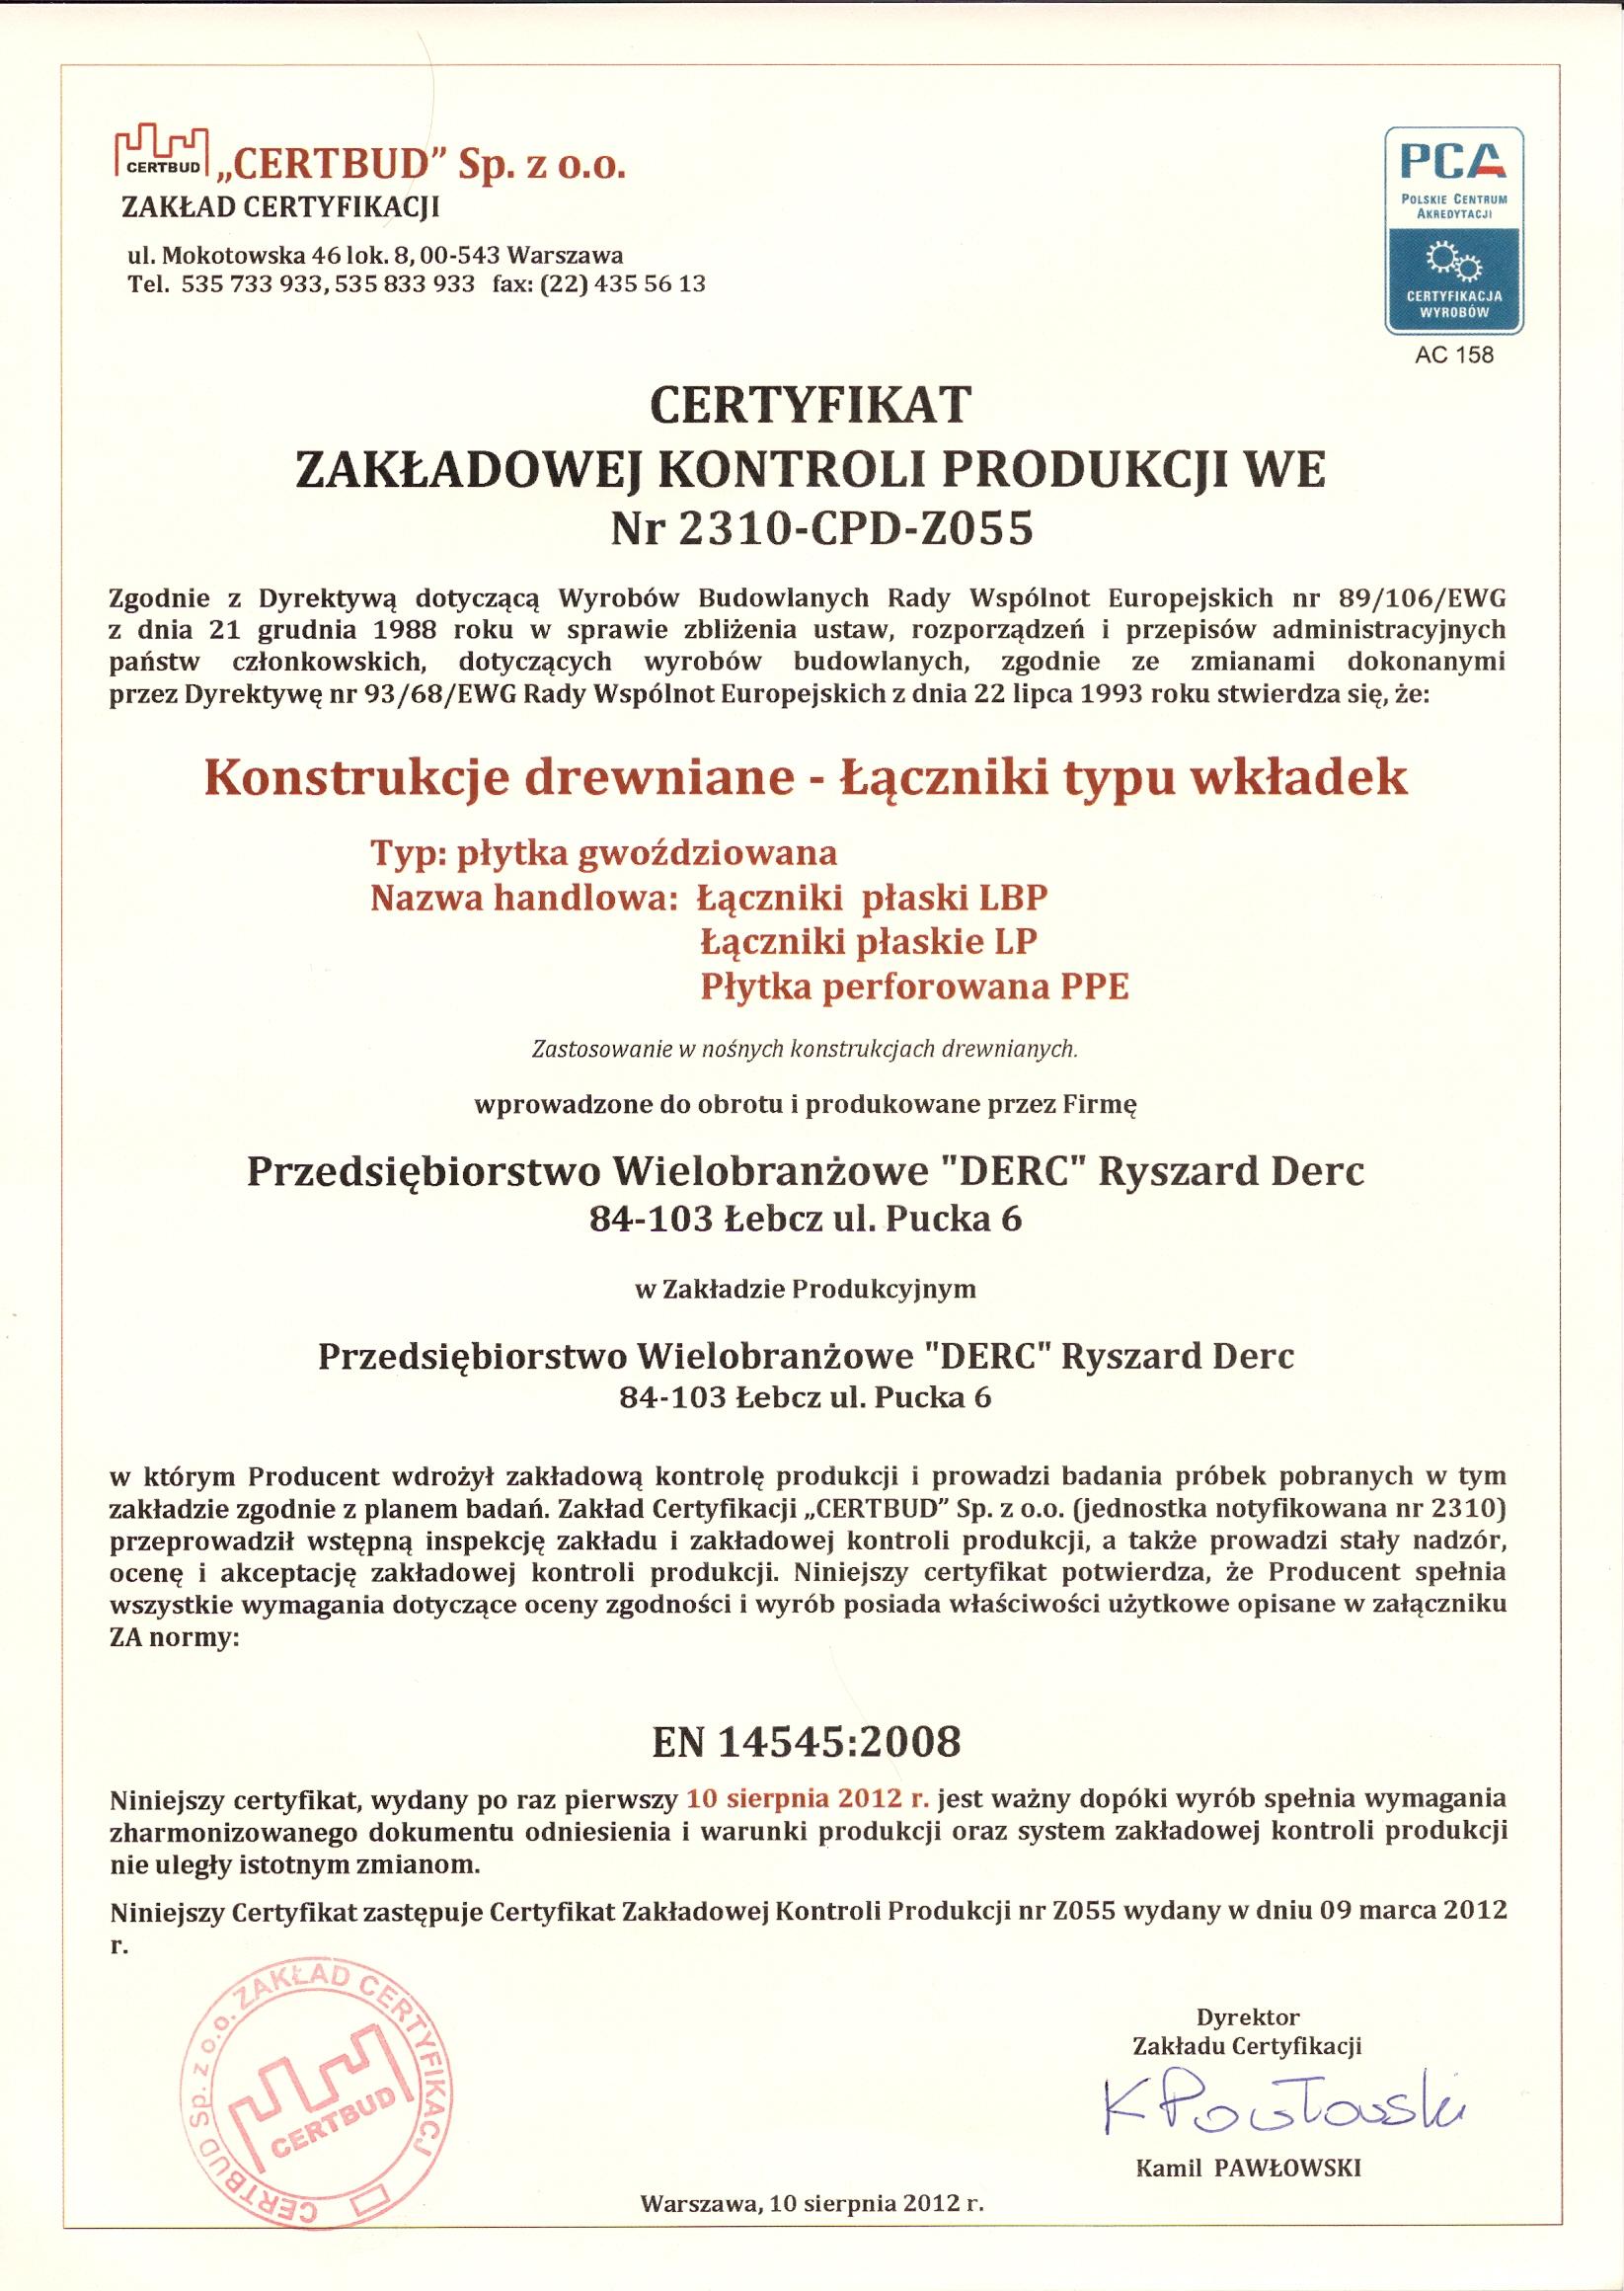 2310-CPD-Z055